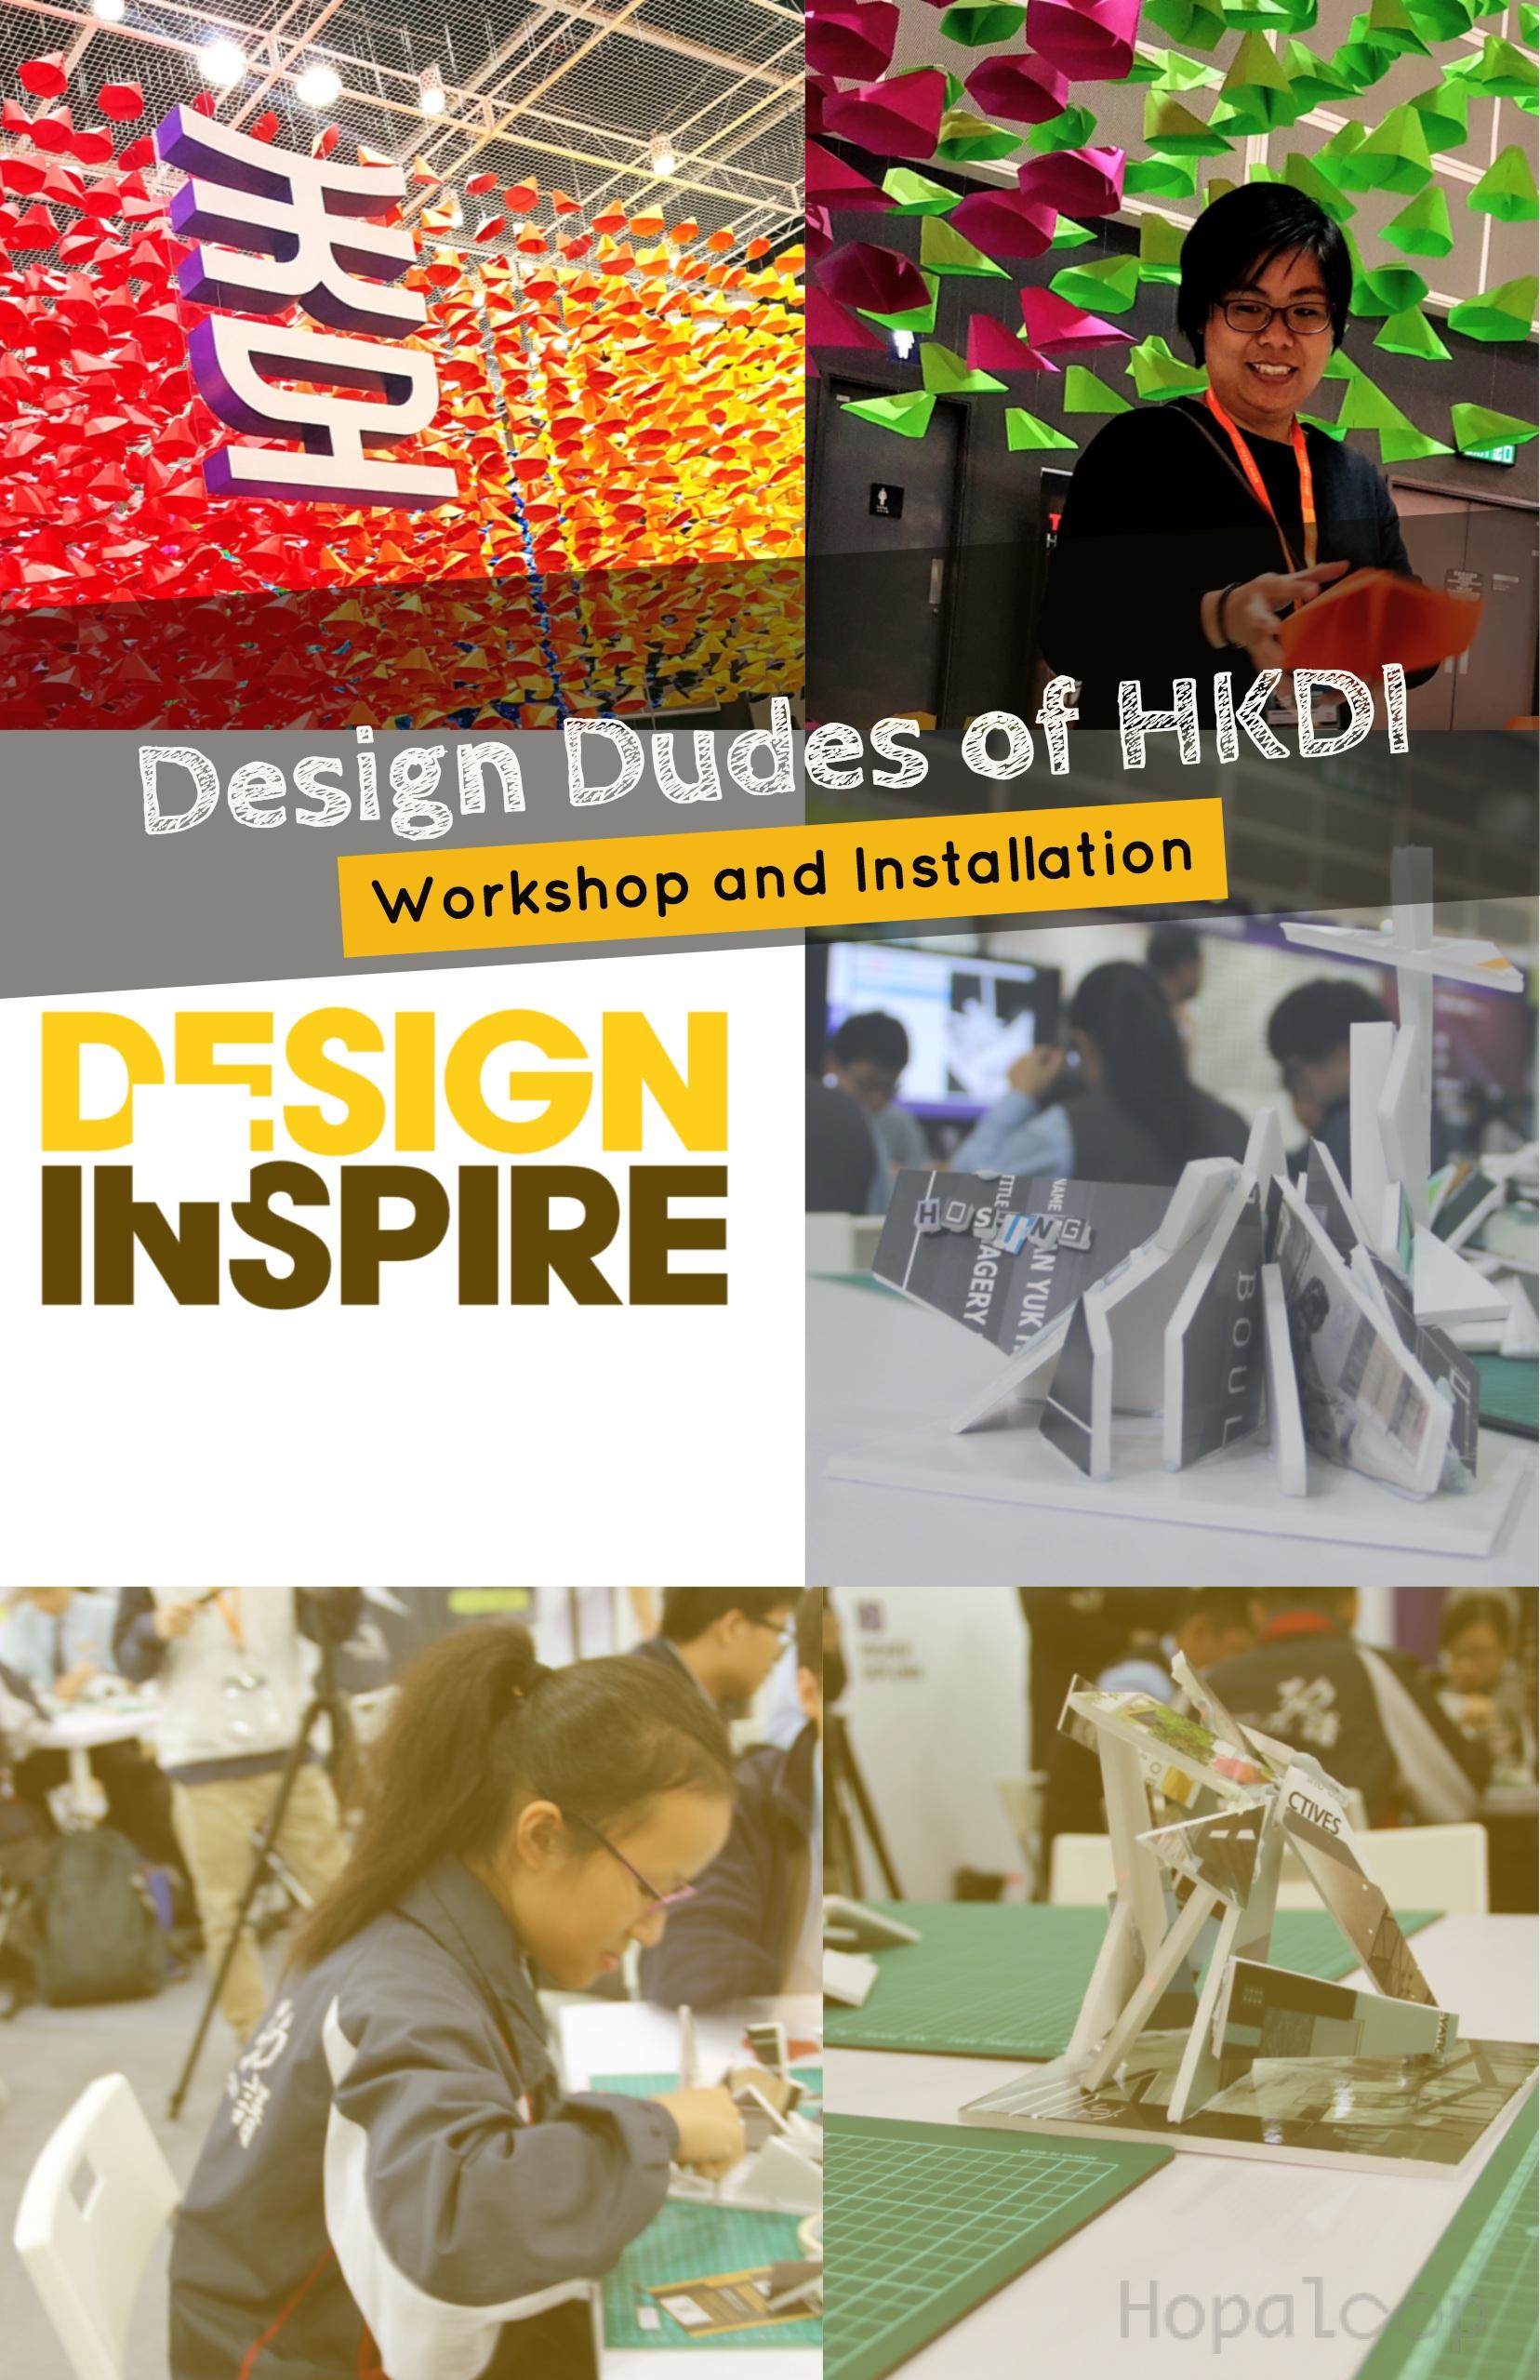 DesignInspire HK 2017 event